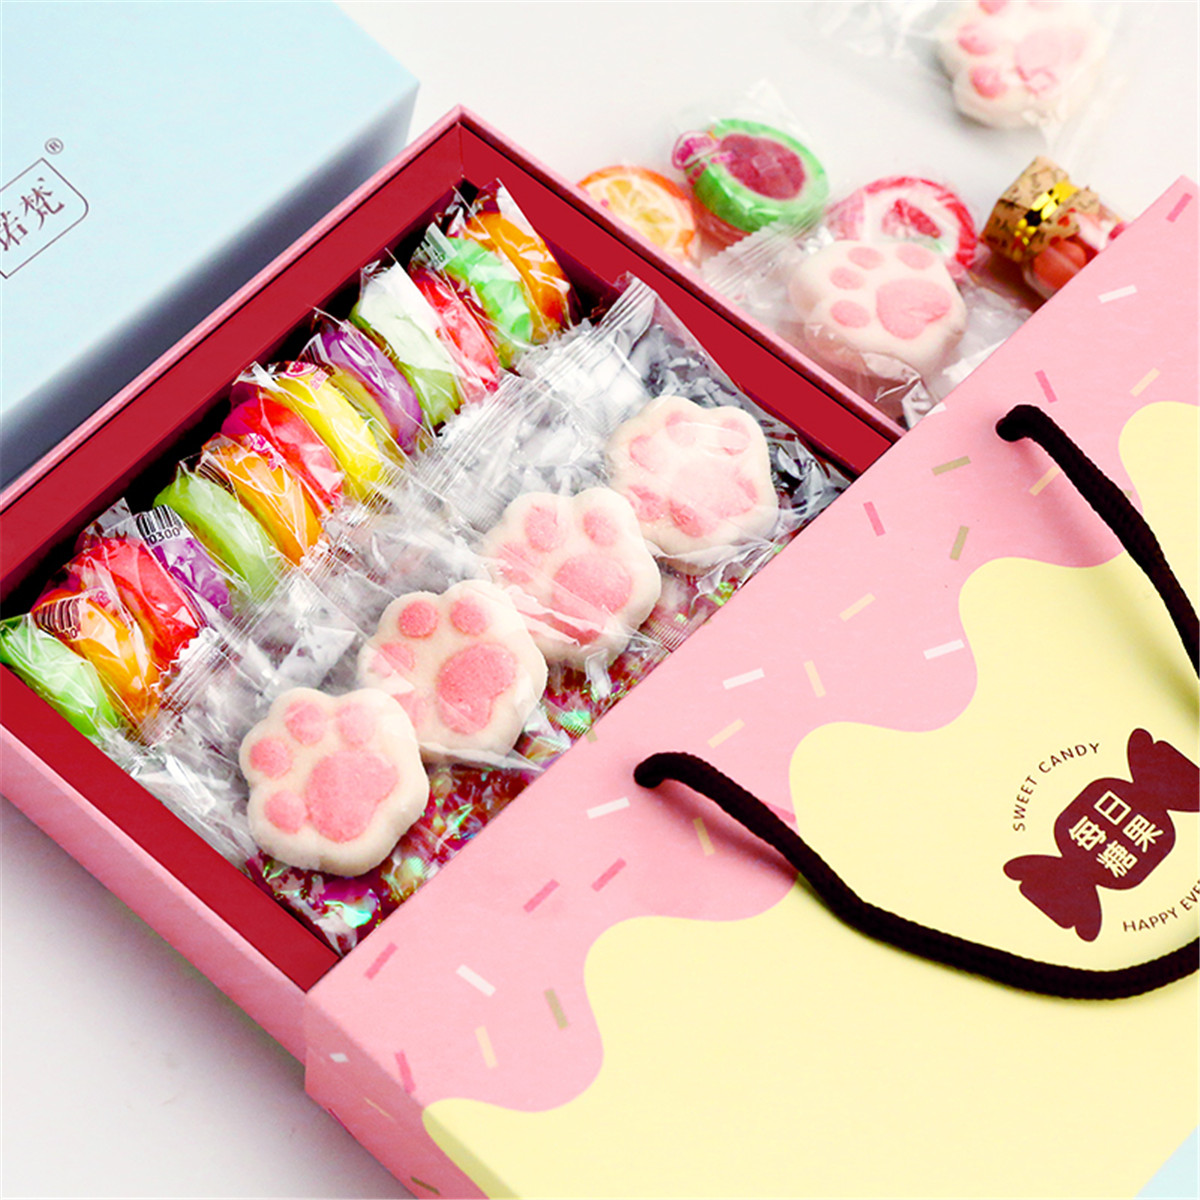 巧诺梵【糖果礼盒】硬糖混合口味散装棉花糖婚礼结婚喜糖儿童零食COLOR其它颜色